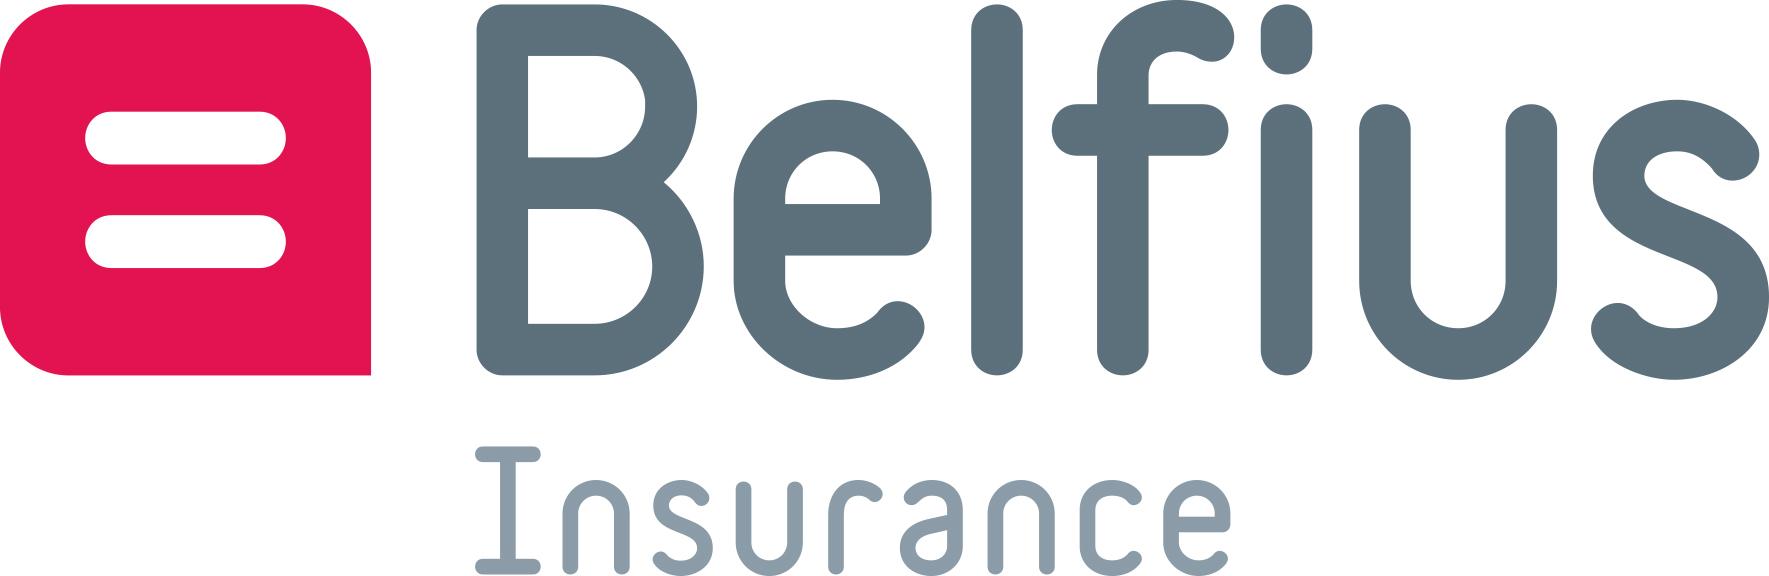 Belfius Insurance Logo